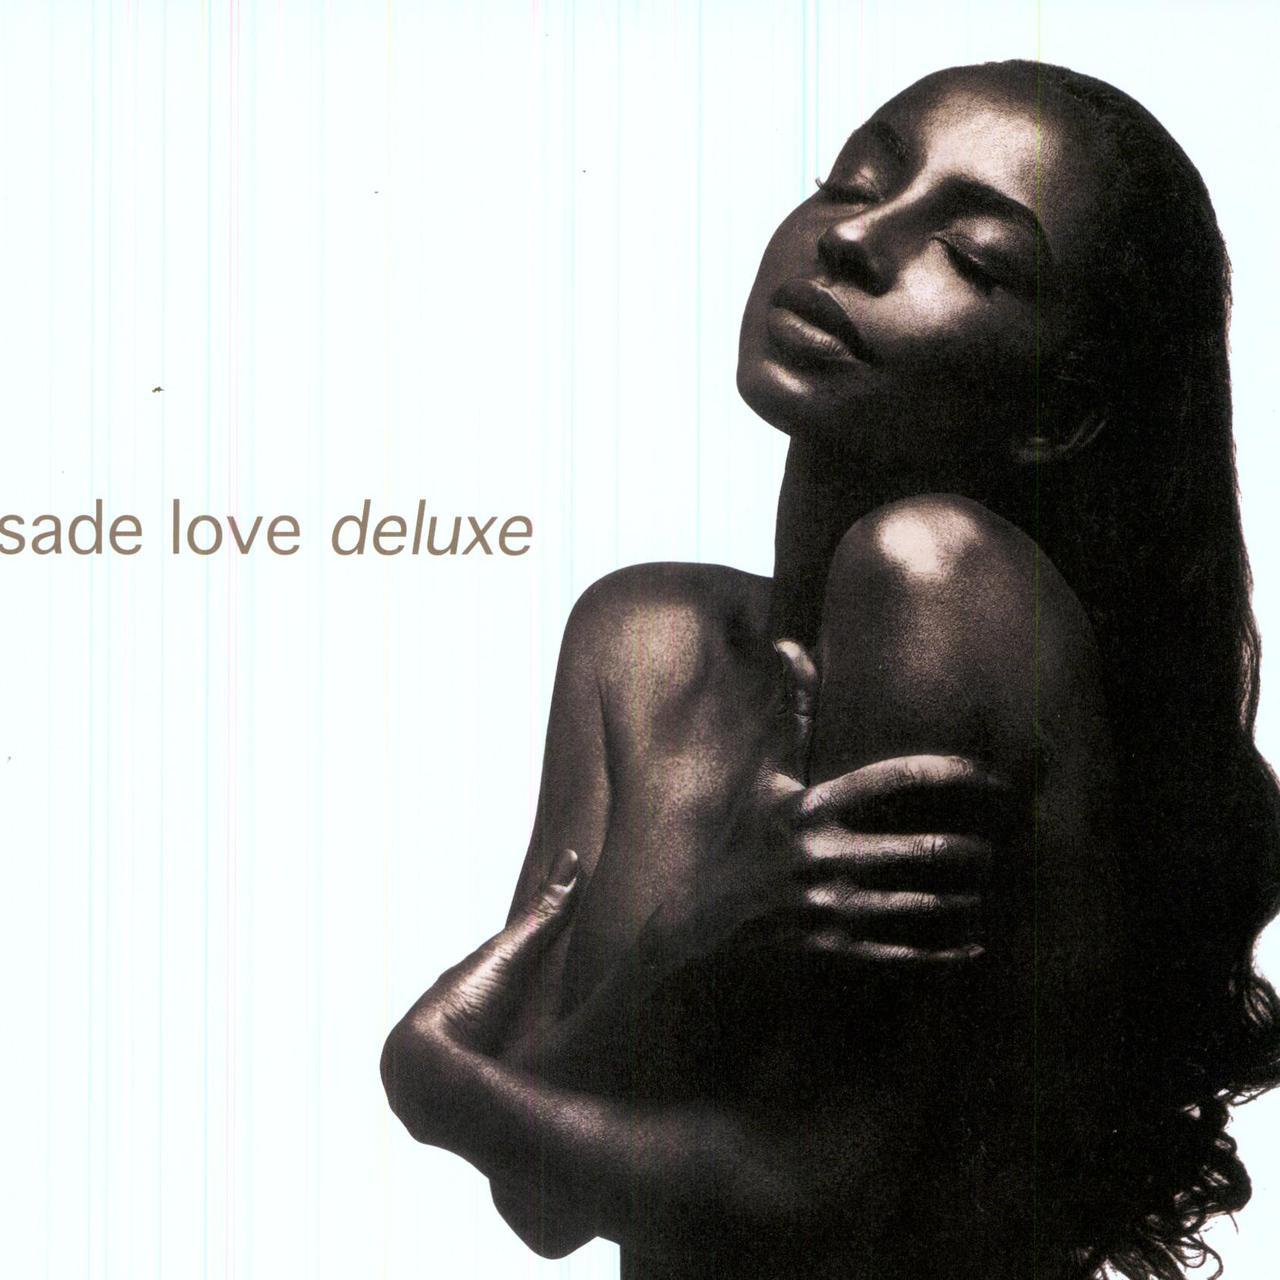 Sade Love Deluxe Vinyl Record 180 Gram Pressing